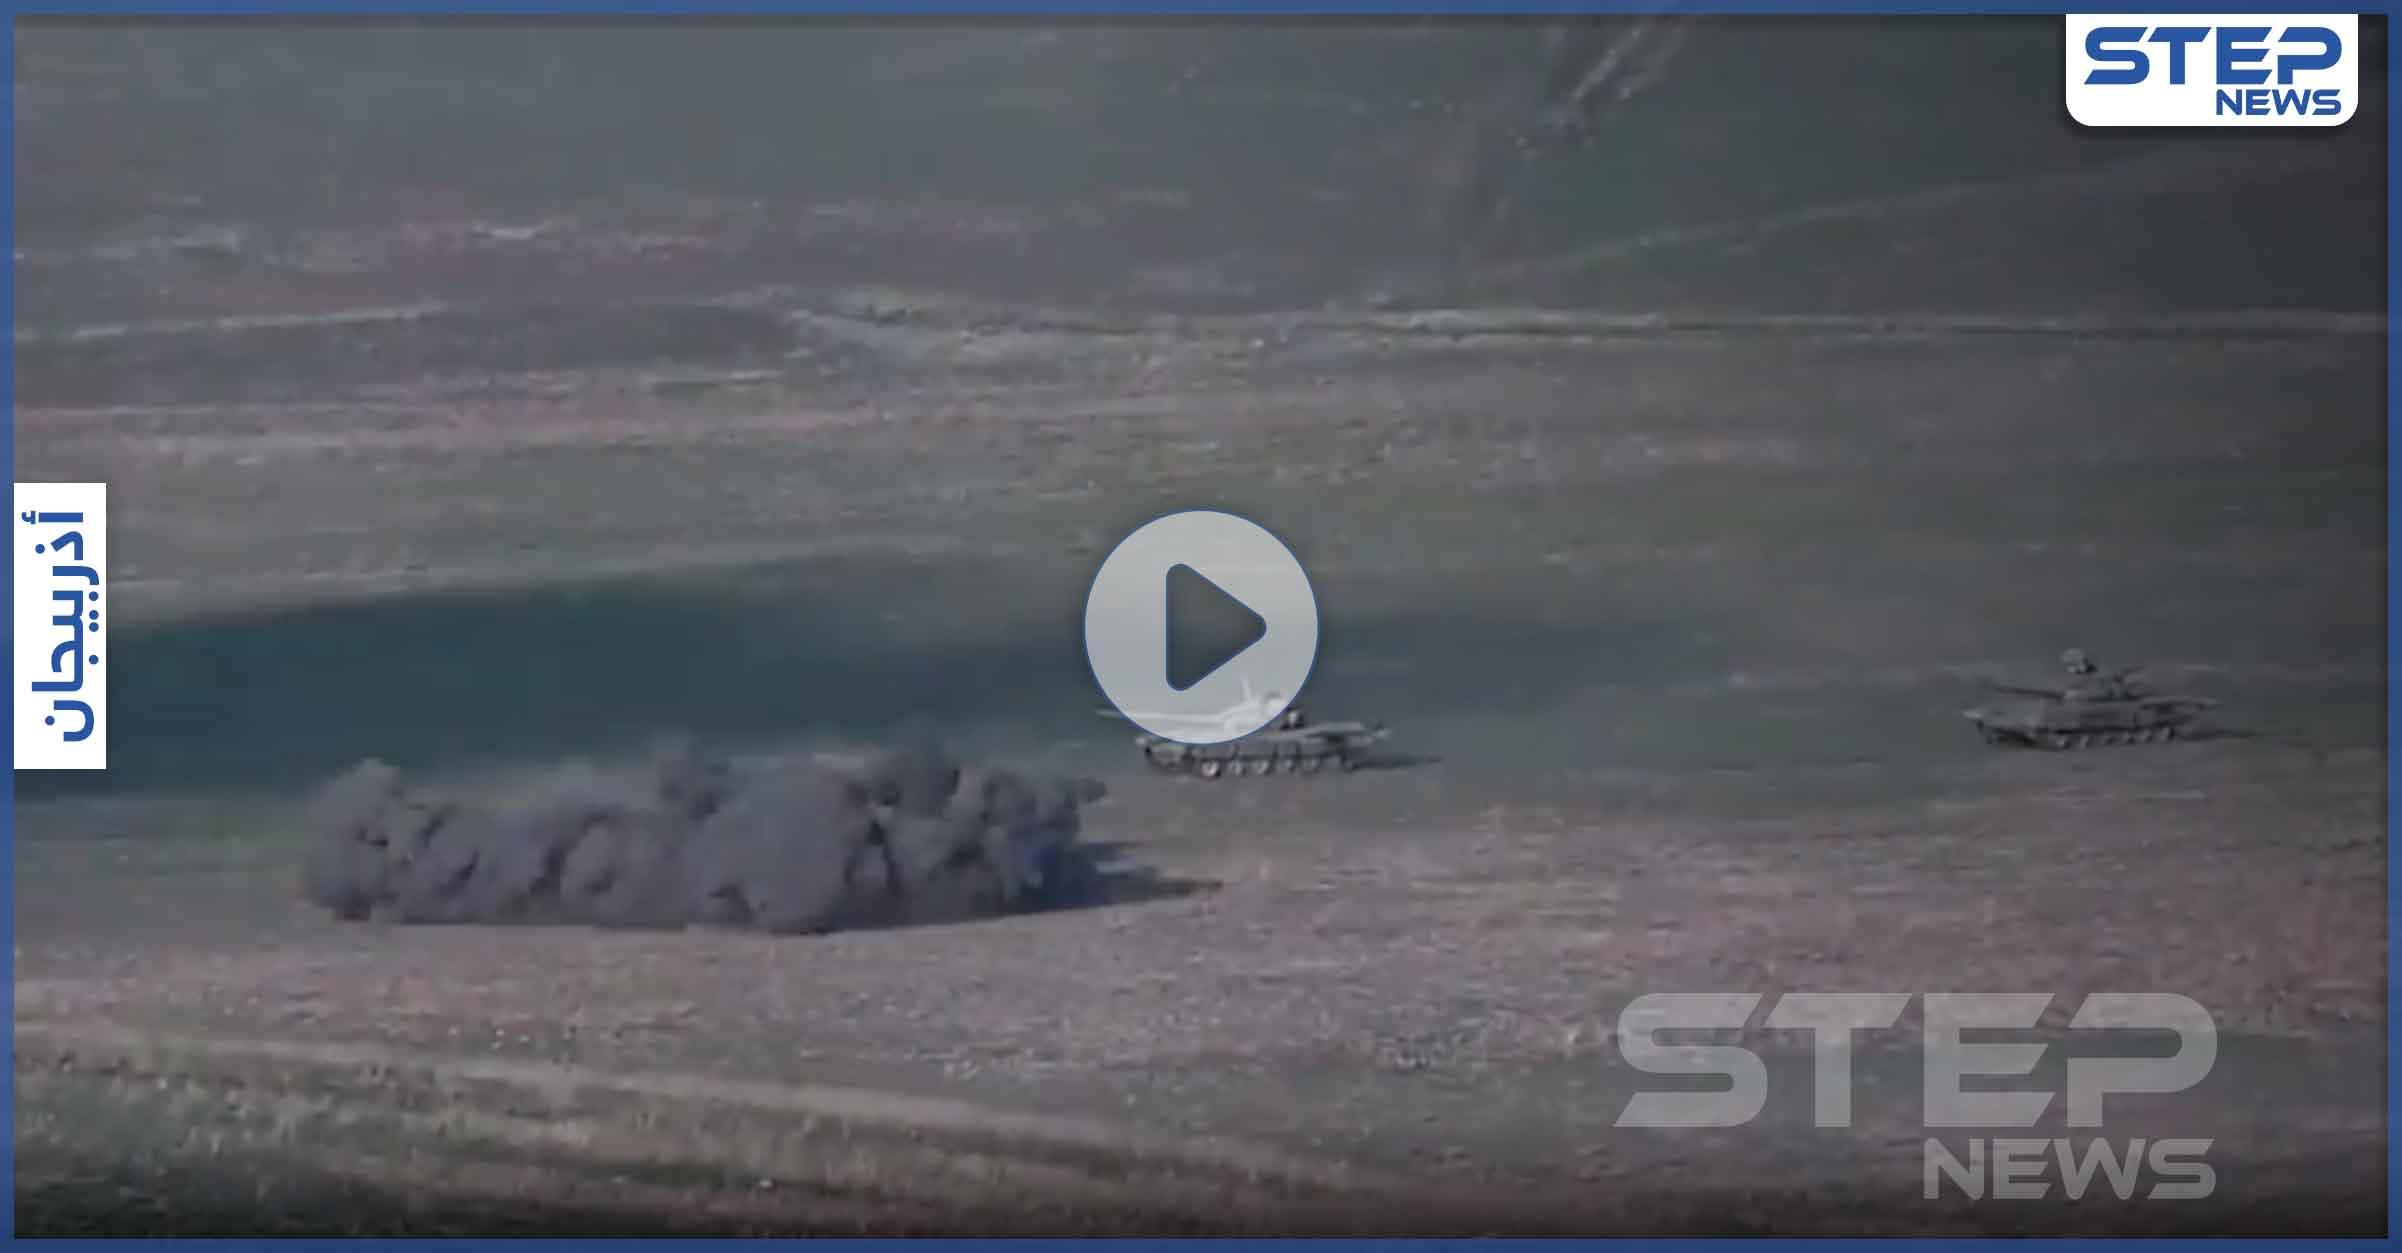 """بالفيديو   الحرب تشتعل بين أرمينيا وأذربيجان ومنطقة النزاع """"قرة باغ"""" تعلن التعبأة العامة"""